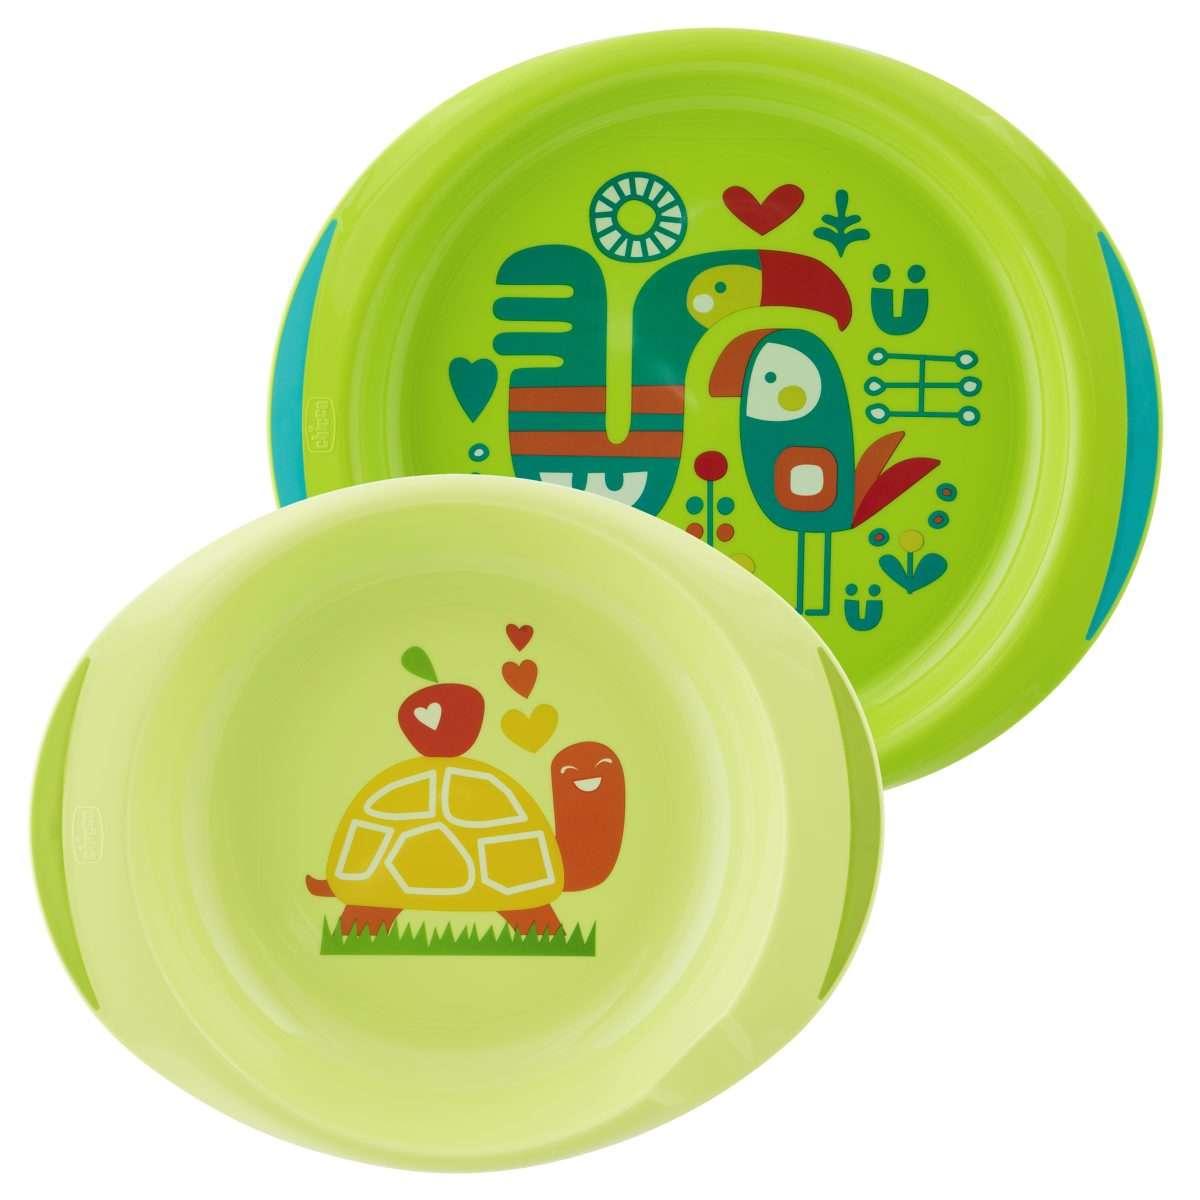 Chicco Jídelní sada - talíř,miska 12m+, zelená 2 ks